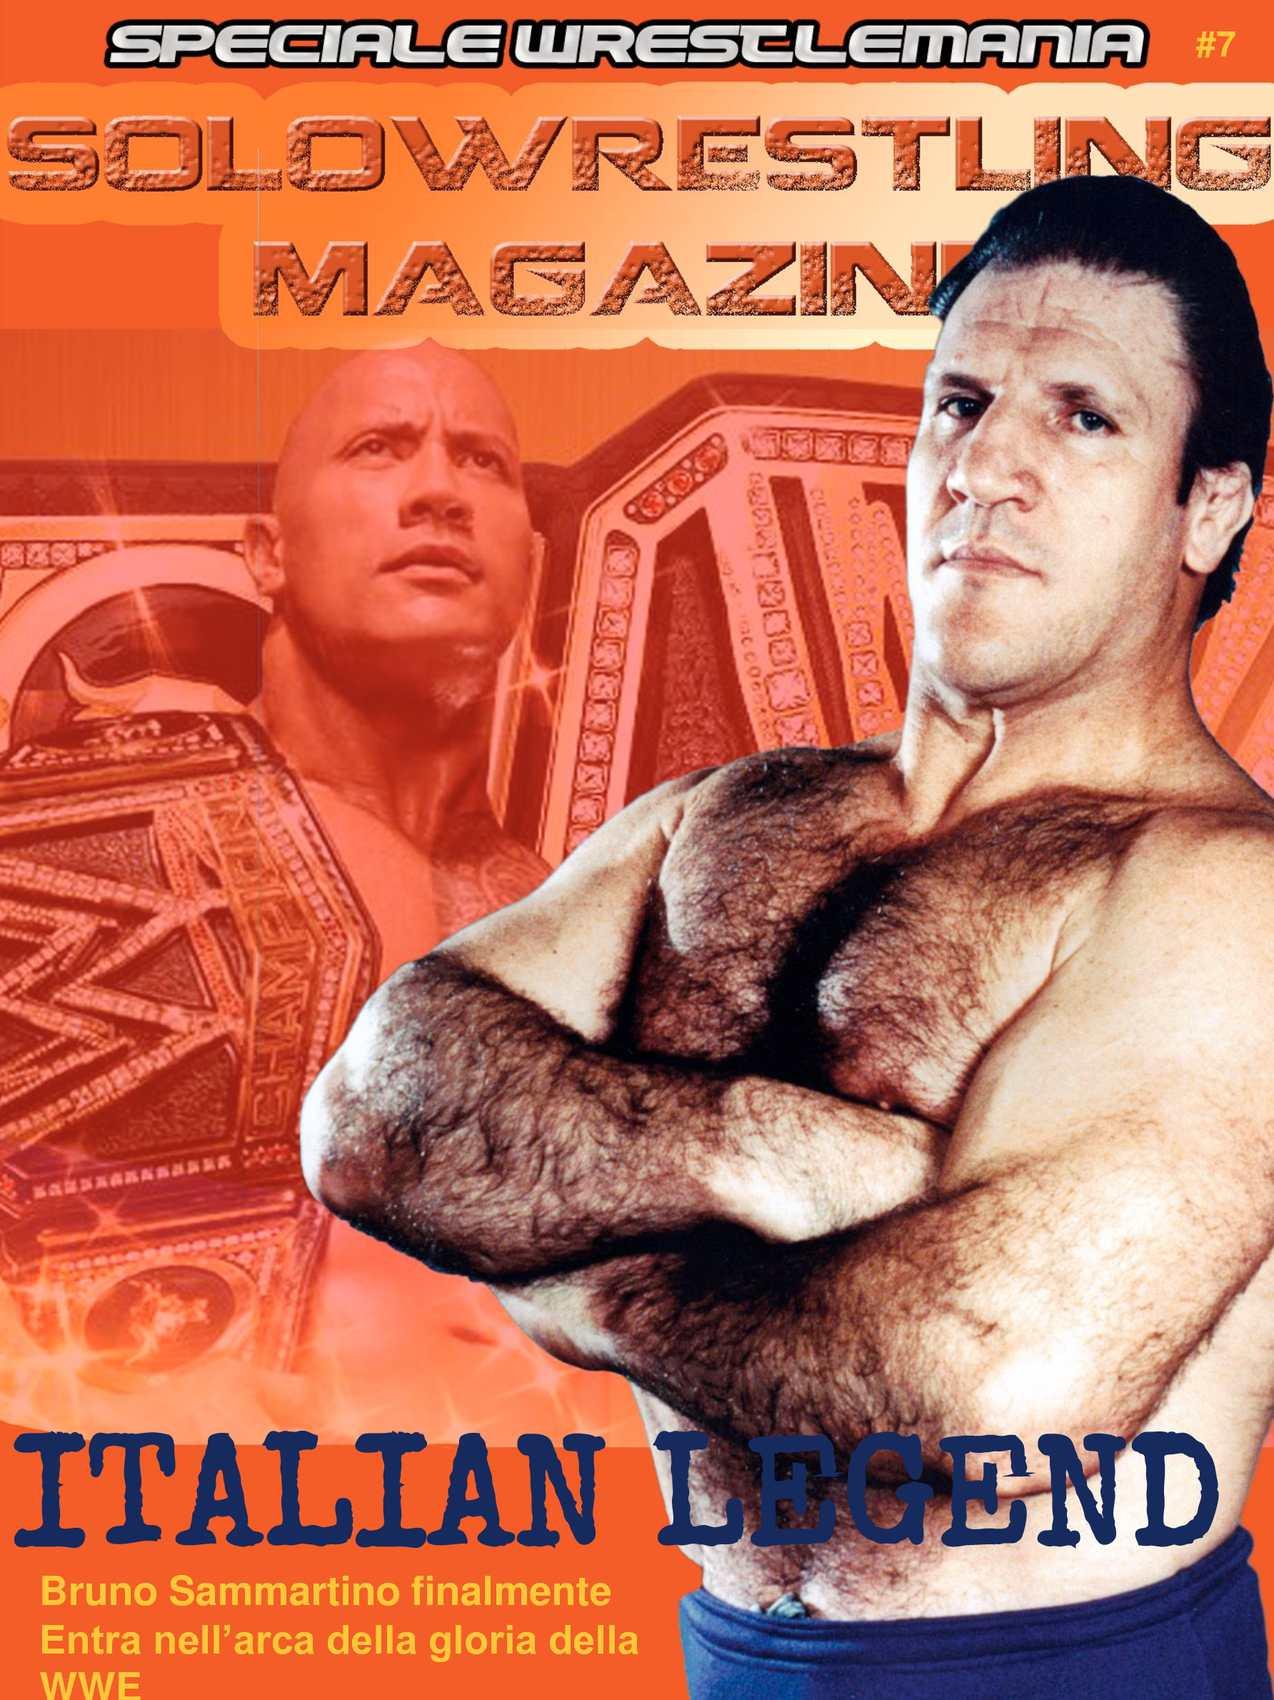 che sta uscendo in WWE 2013 datazione mio amplificatore Marshall